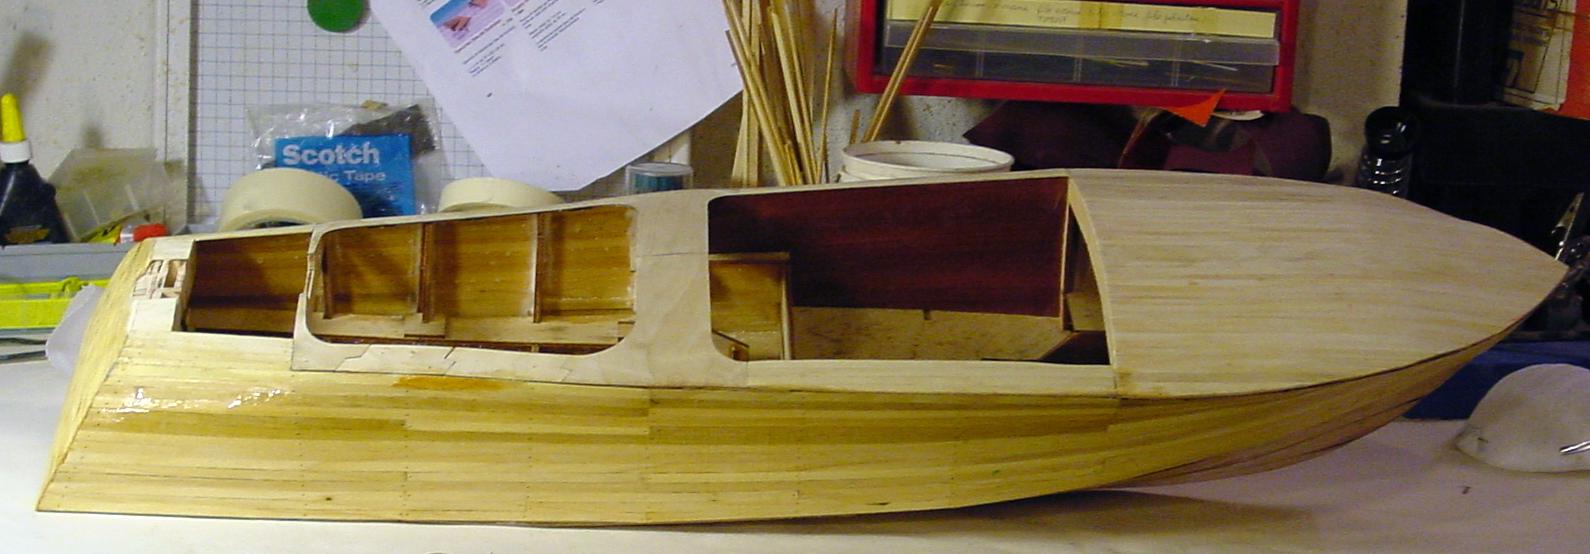 Modellismo navale rc model boats riva aquarama for Proiettato in piani porticato gratis